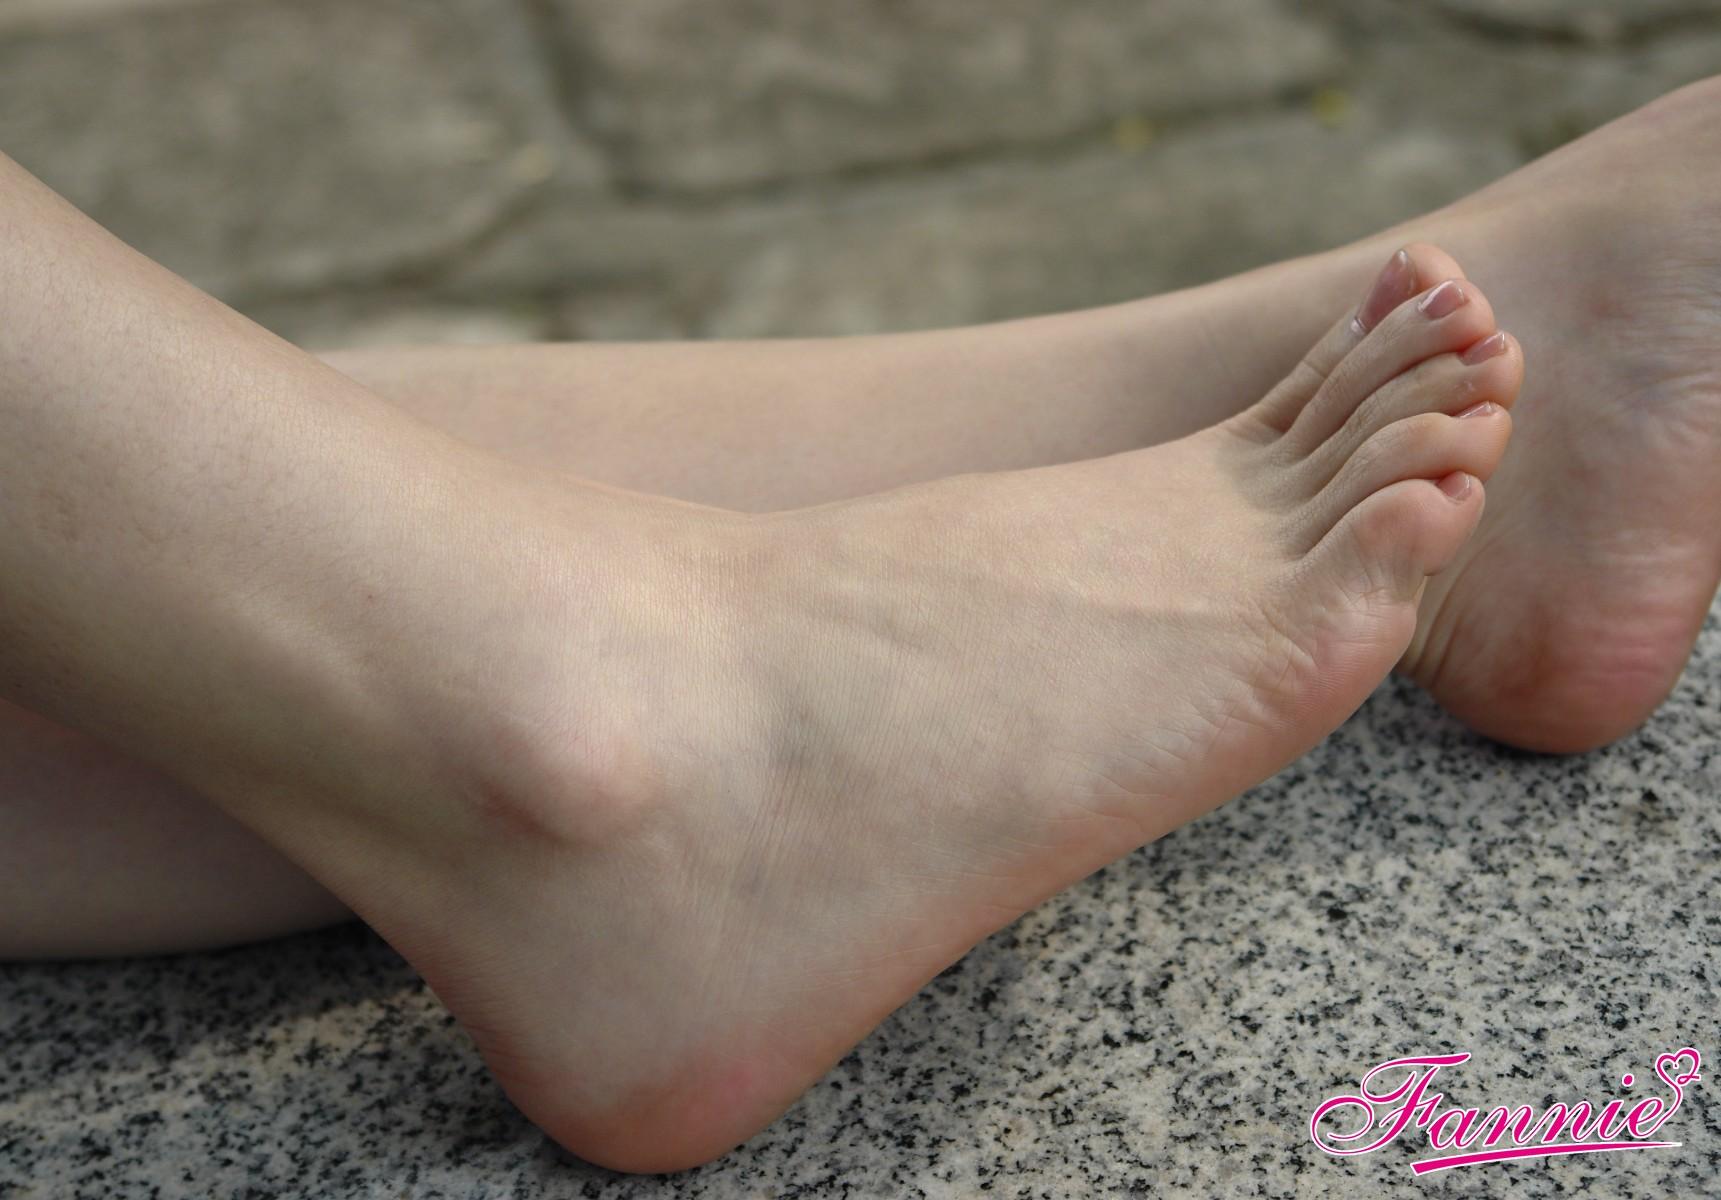 一点凝香,在早春… - 喜欢光脚丫的夏天 - 喜欢光脚丫的夏天